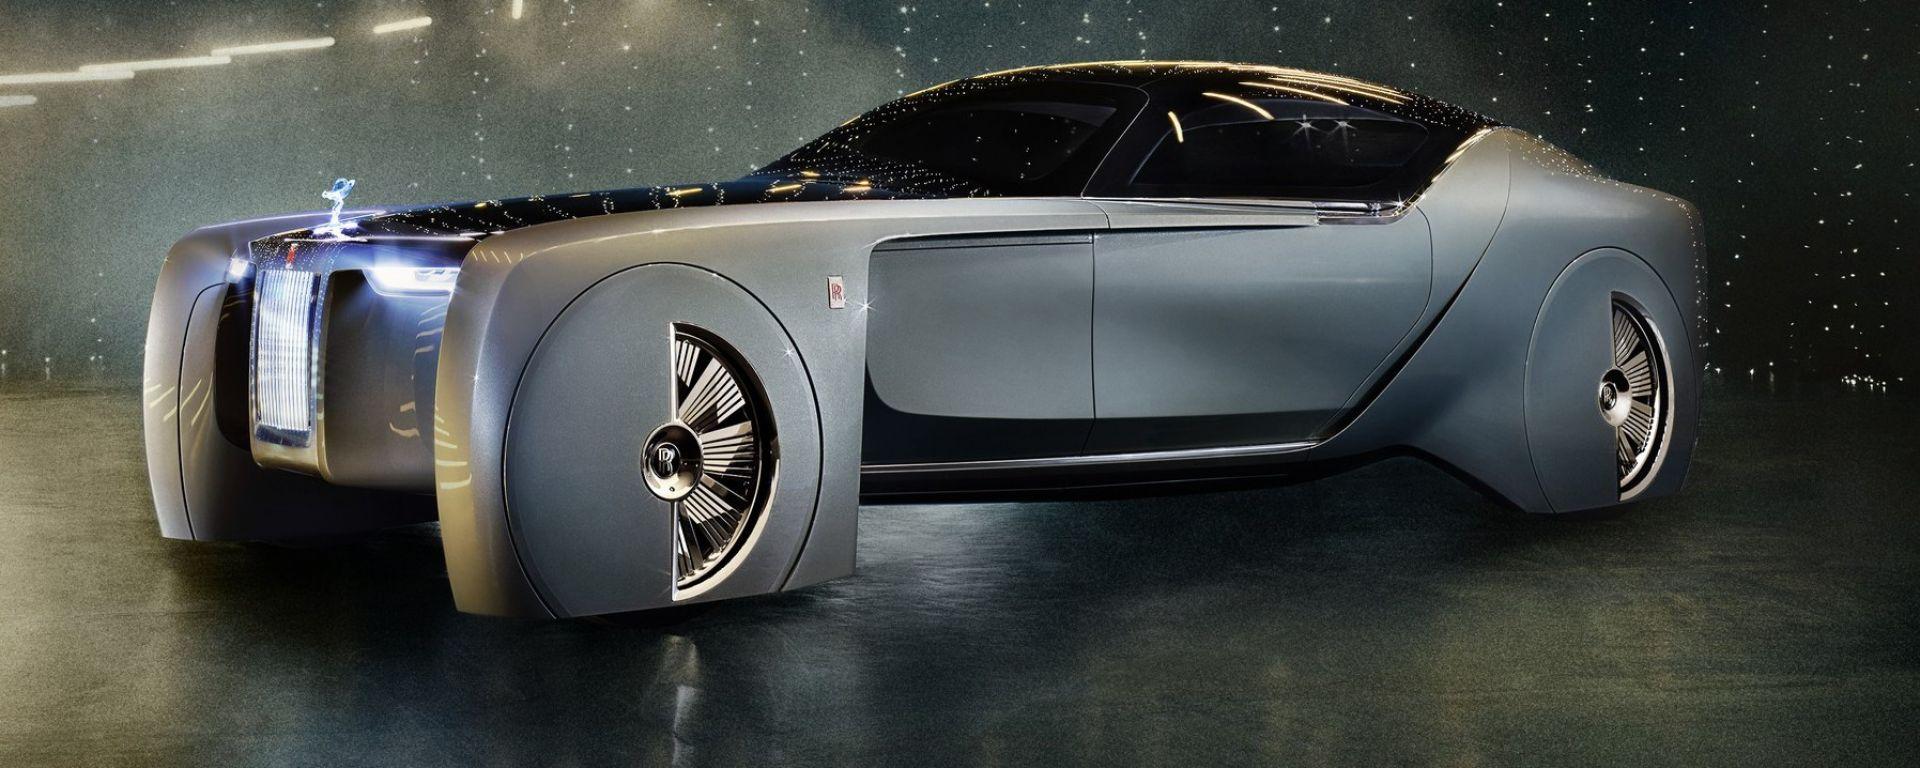 Rolls-Royce Vision Next 100: come sarà il lusso tra 30 anni?